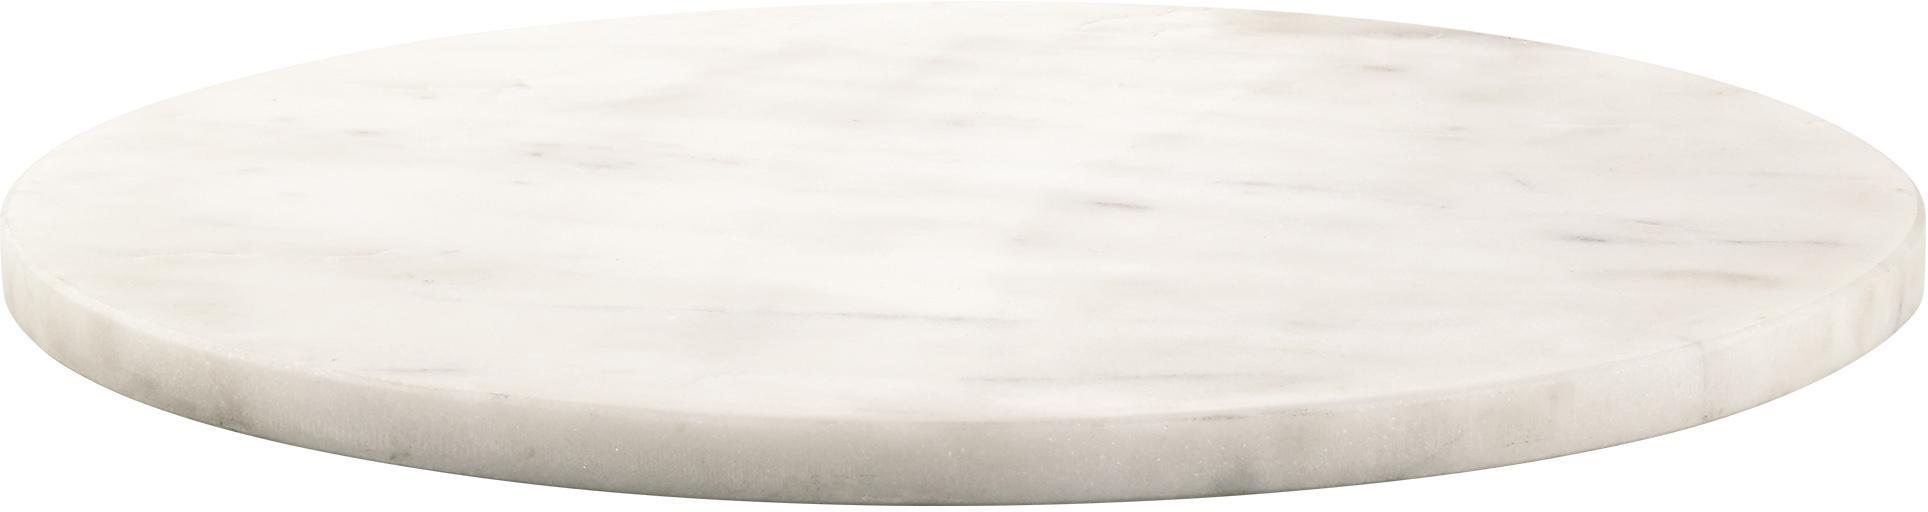 Marmeren serveerplateau Minu, Marmer, Wit, Ø 30 cm